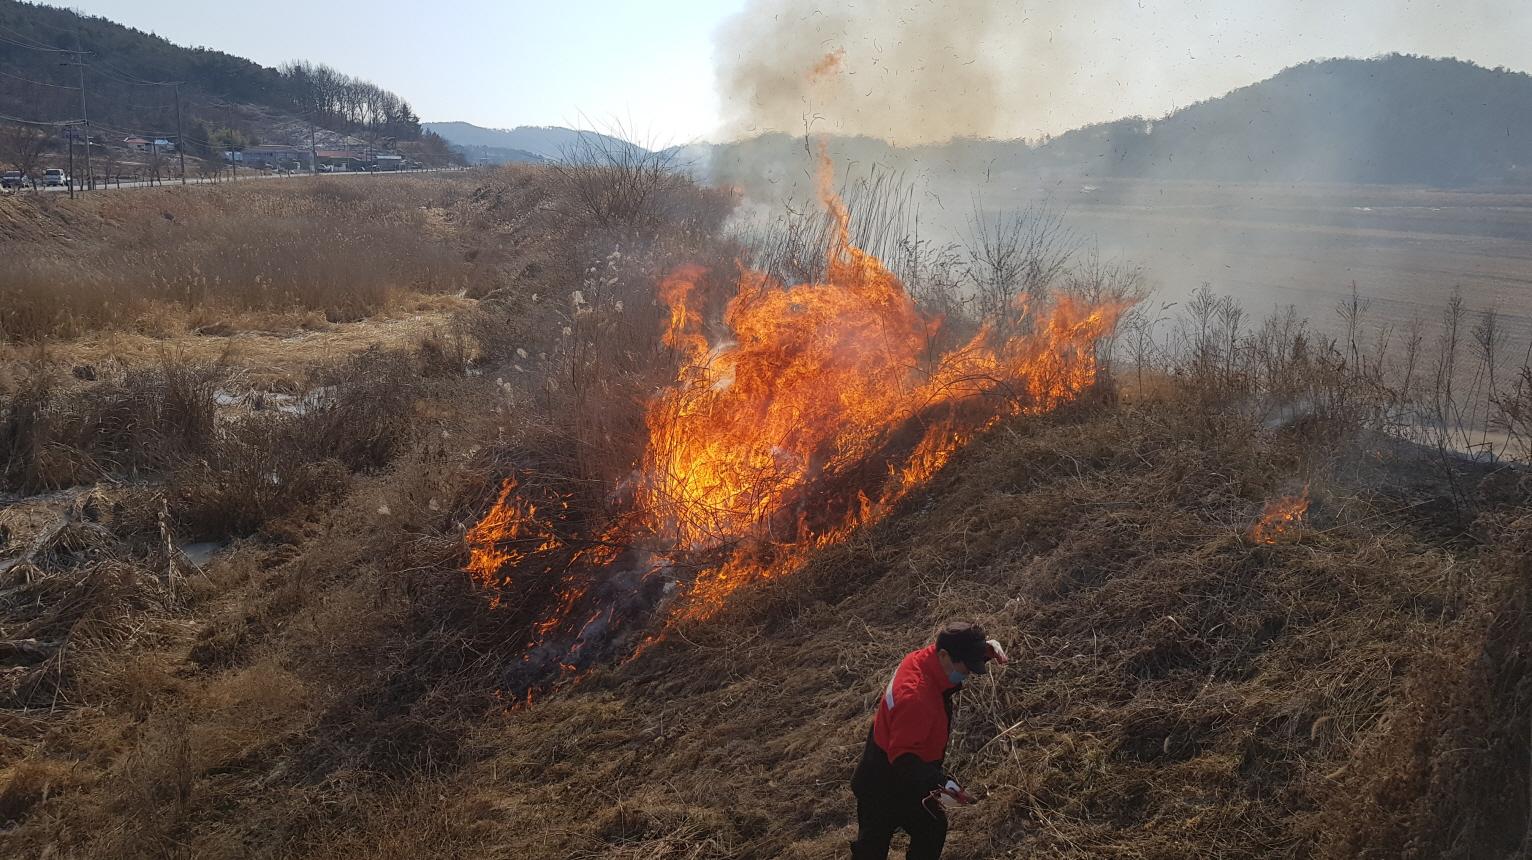 논밭두렁 태우기, 병해충방제 효과 없어